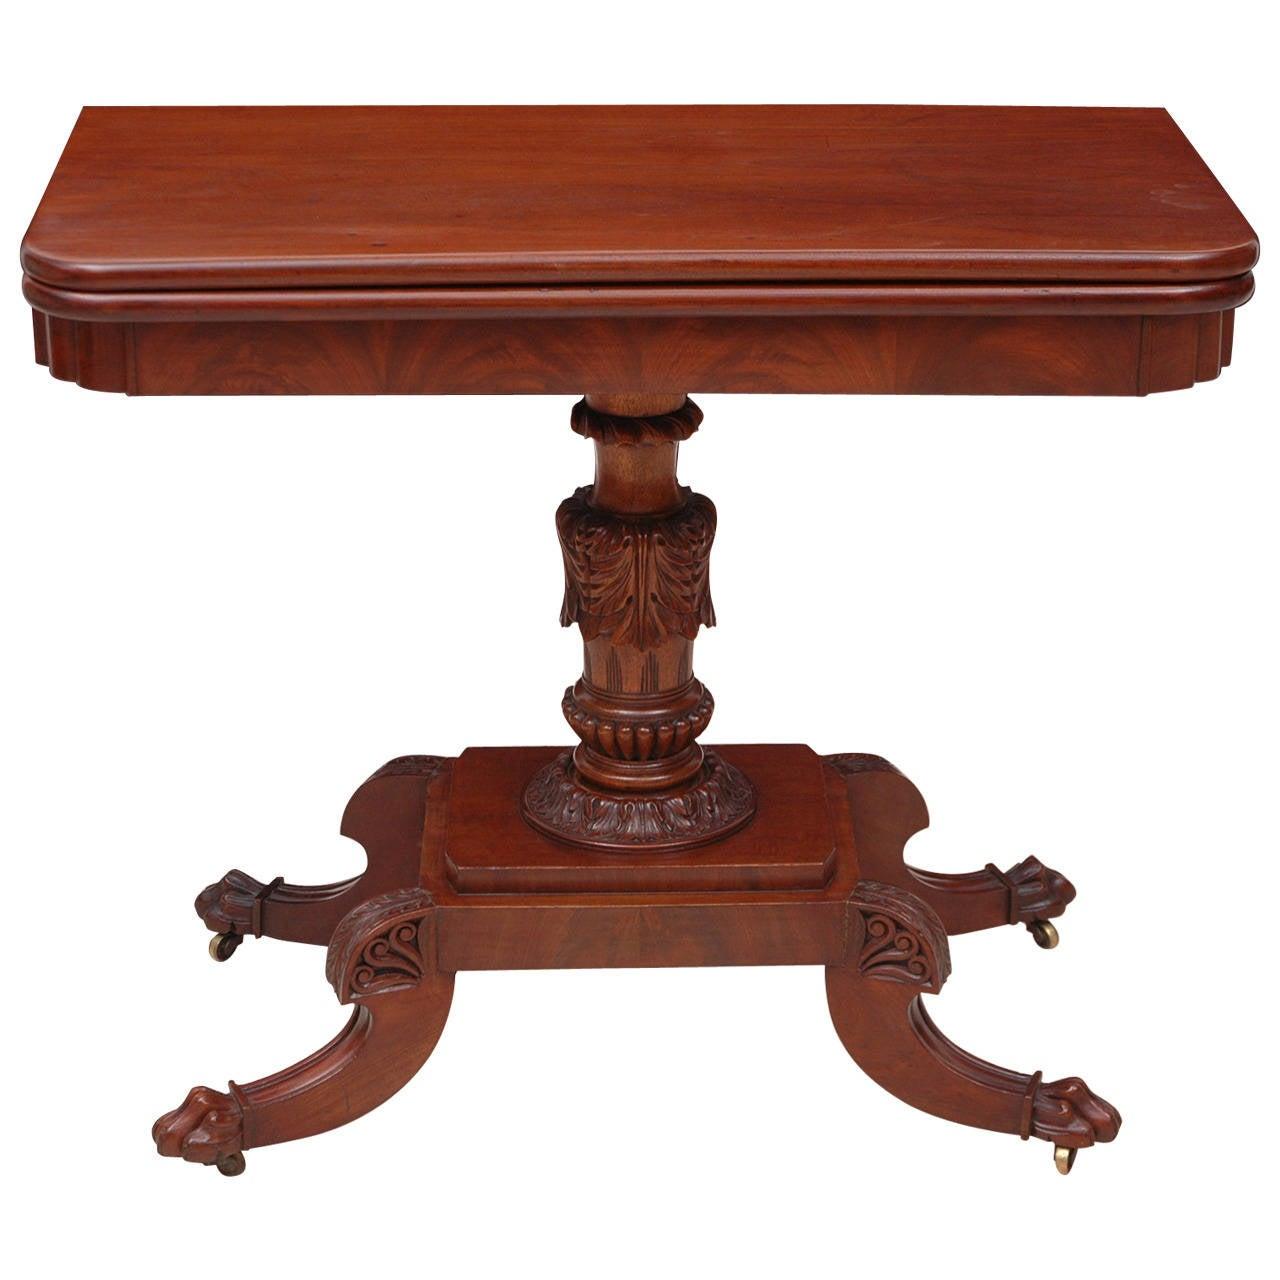 American Federal Center Pedestal Games Table, circa 1815